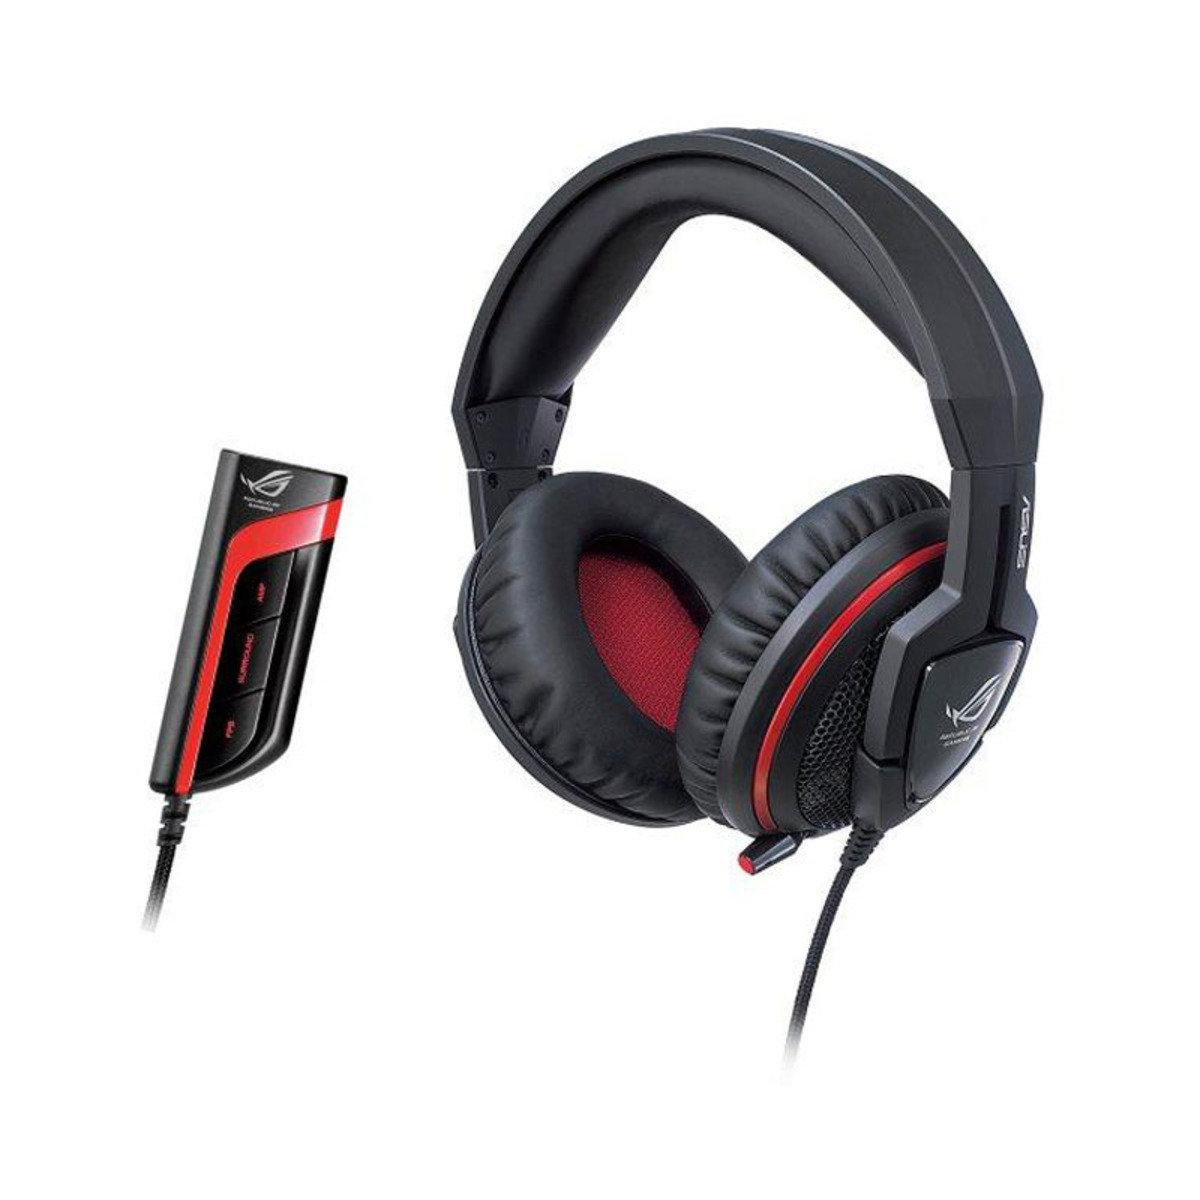 50mm R.O.G.頭戴式電競耳機 Orion Pro